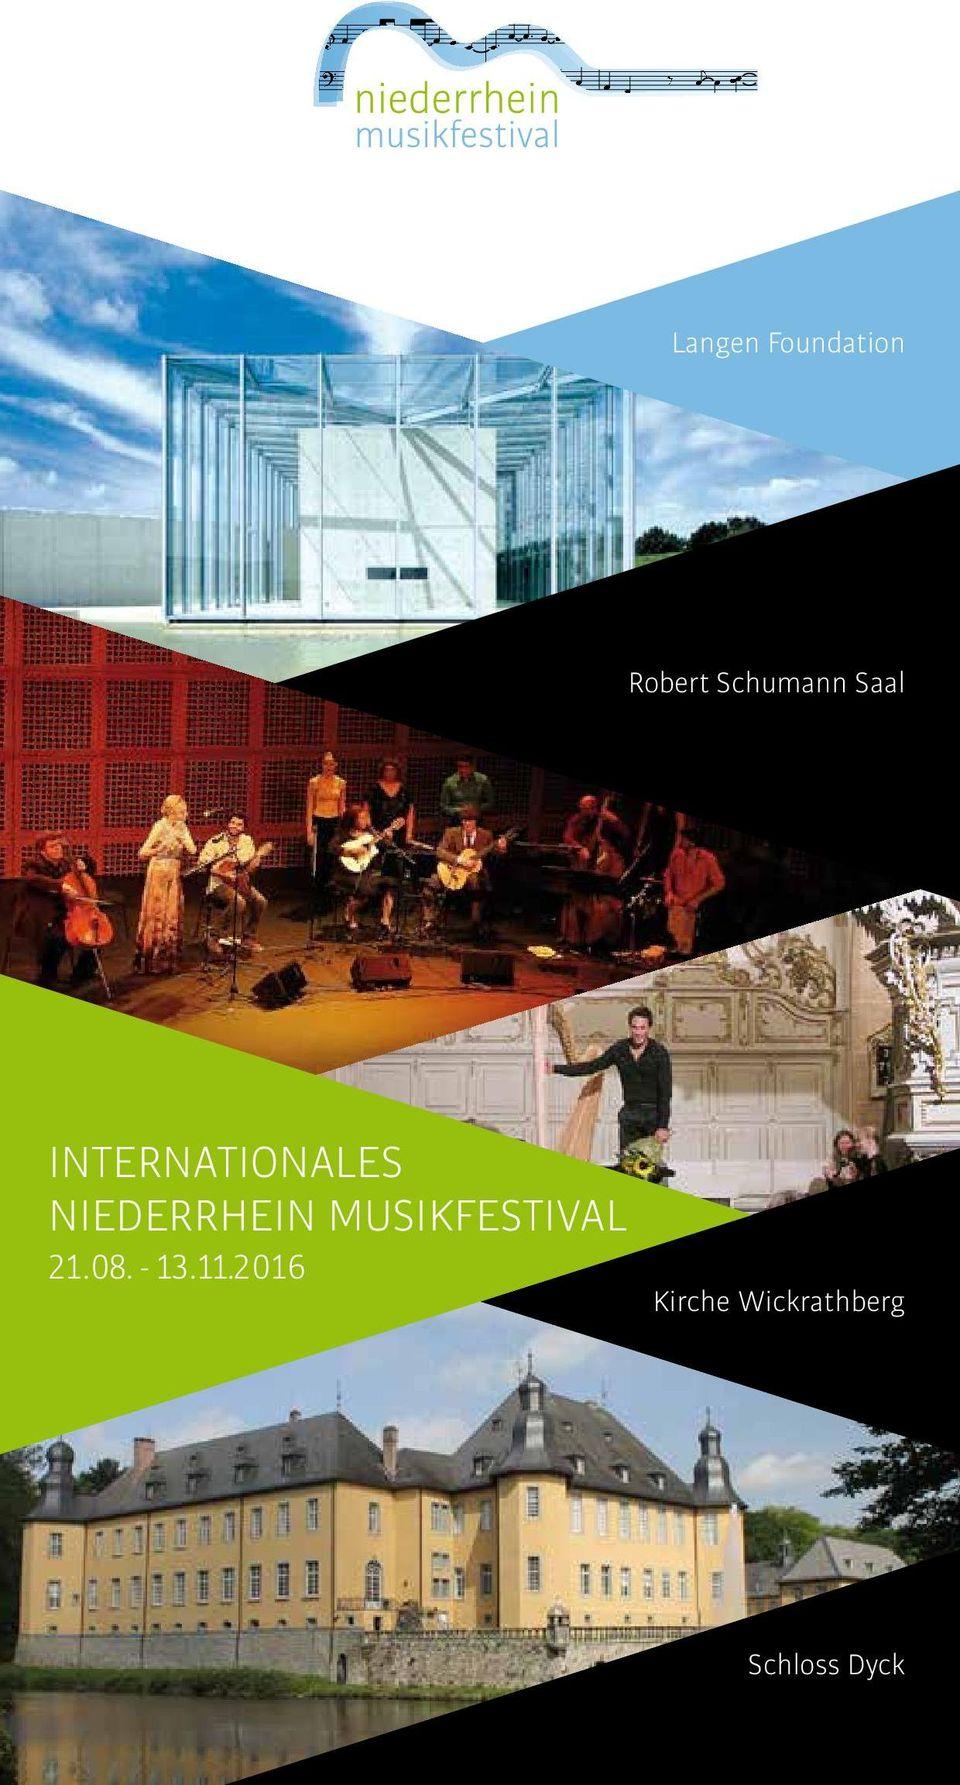 Bild Internationales Niederrhein Musikfestival